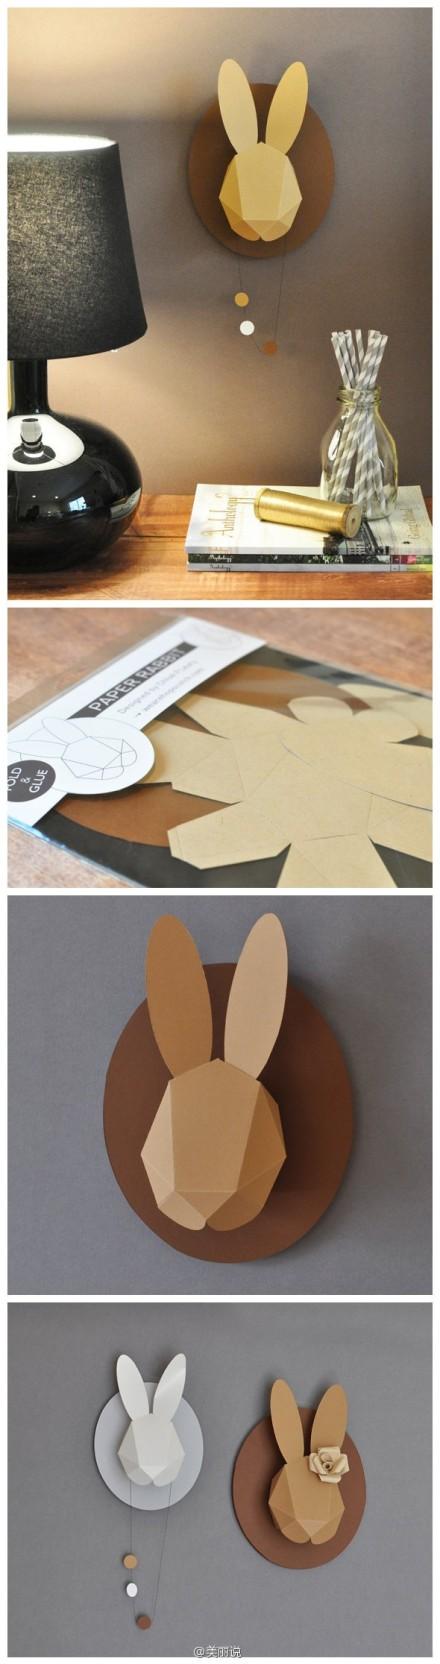 由法国艺术家Chloe Fleury设计的墙壁挂件,一个跃然纸上的立体小兔子就是这样制作而成的,只需几张纸和胶水就ok啦!